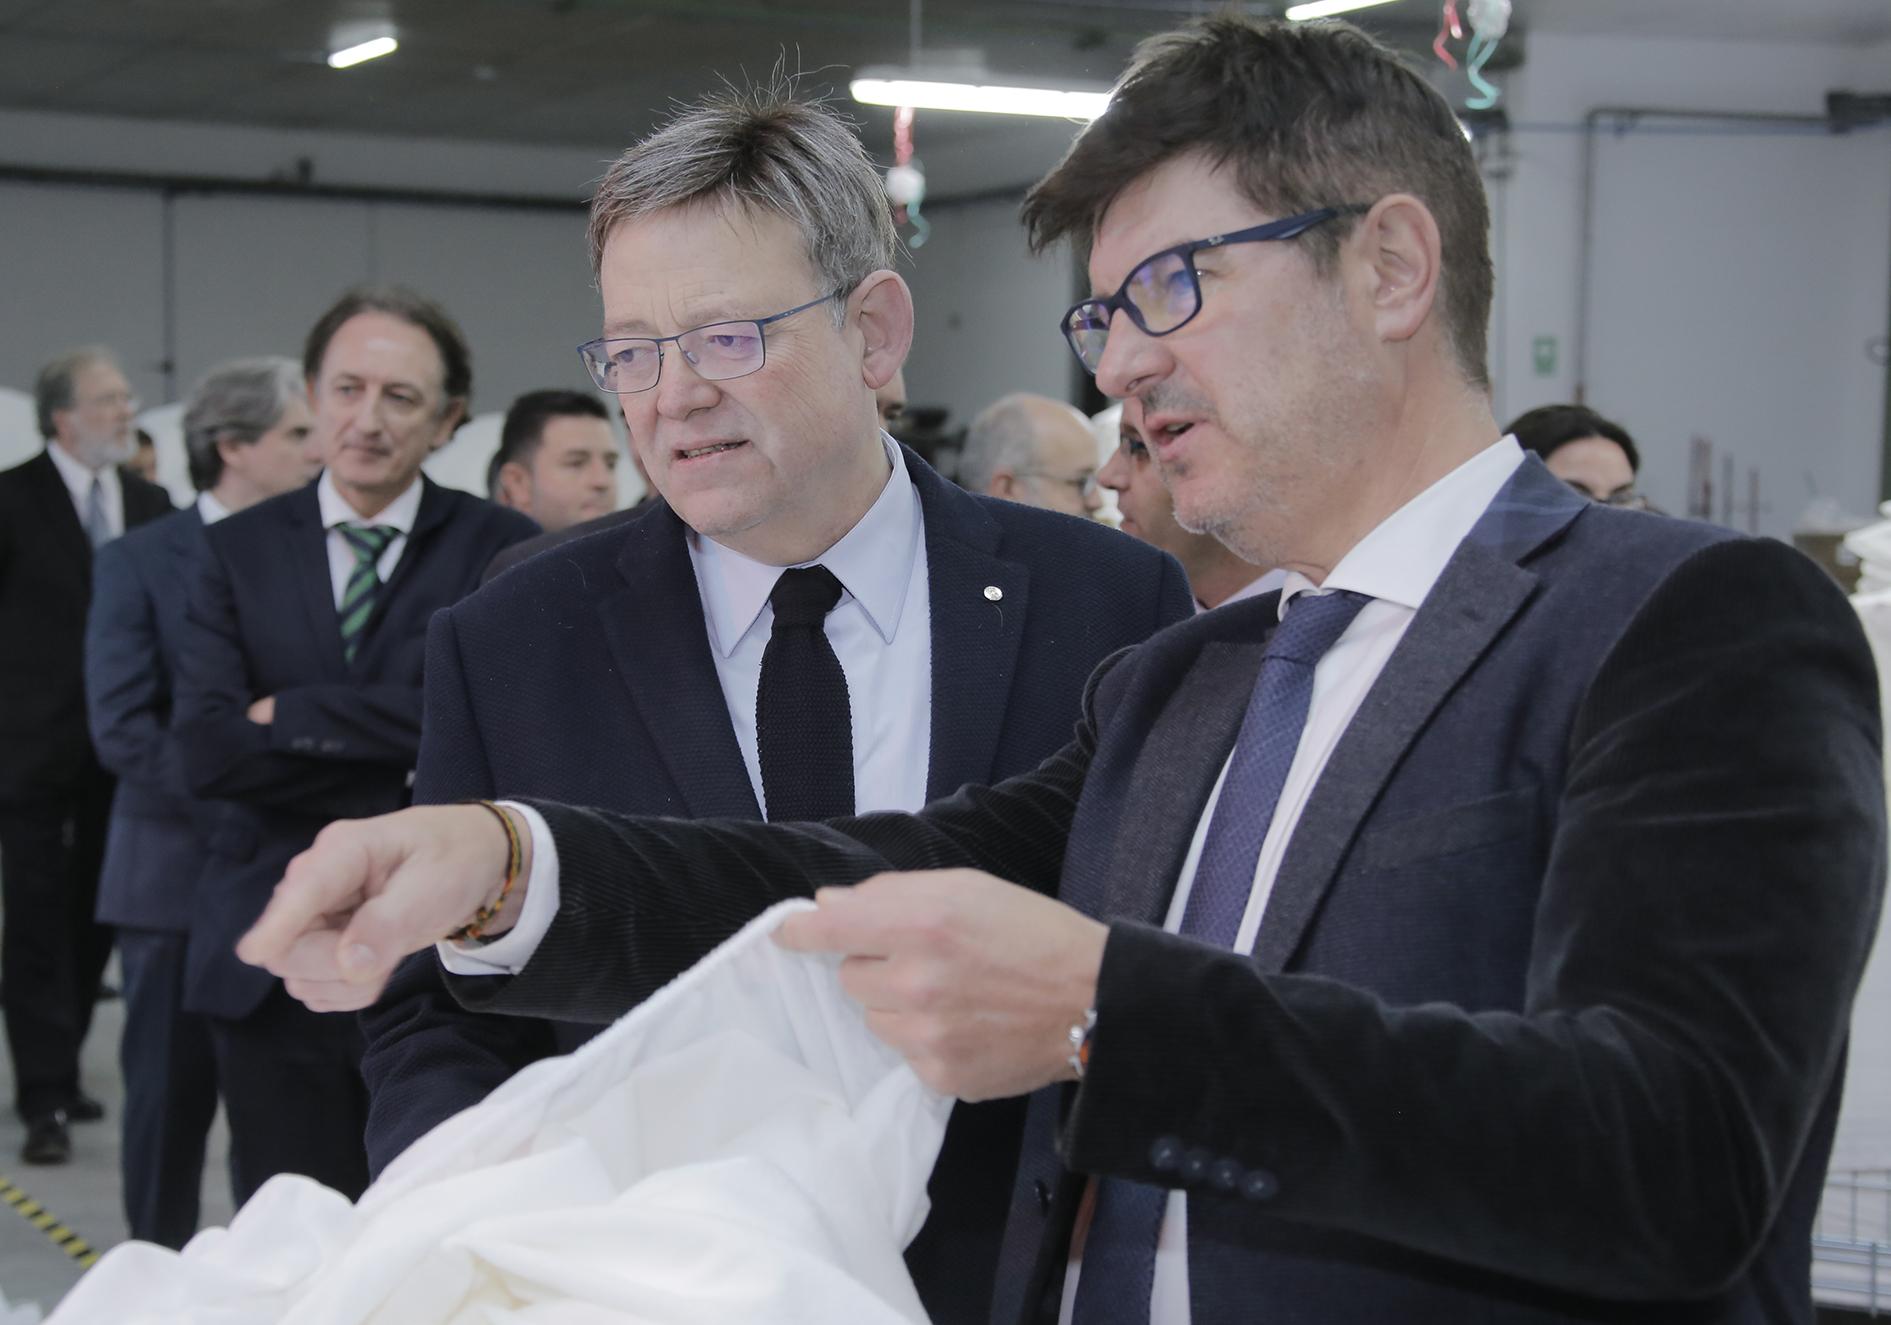 Creen un additiu natural per al tèxtil que frena la contaminació El Periòdic d'Ontinyent